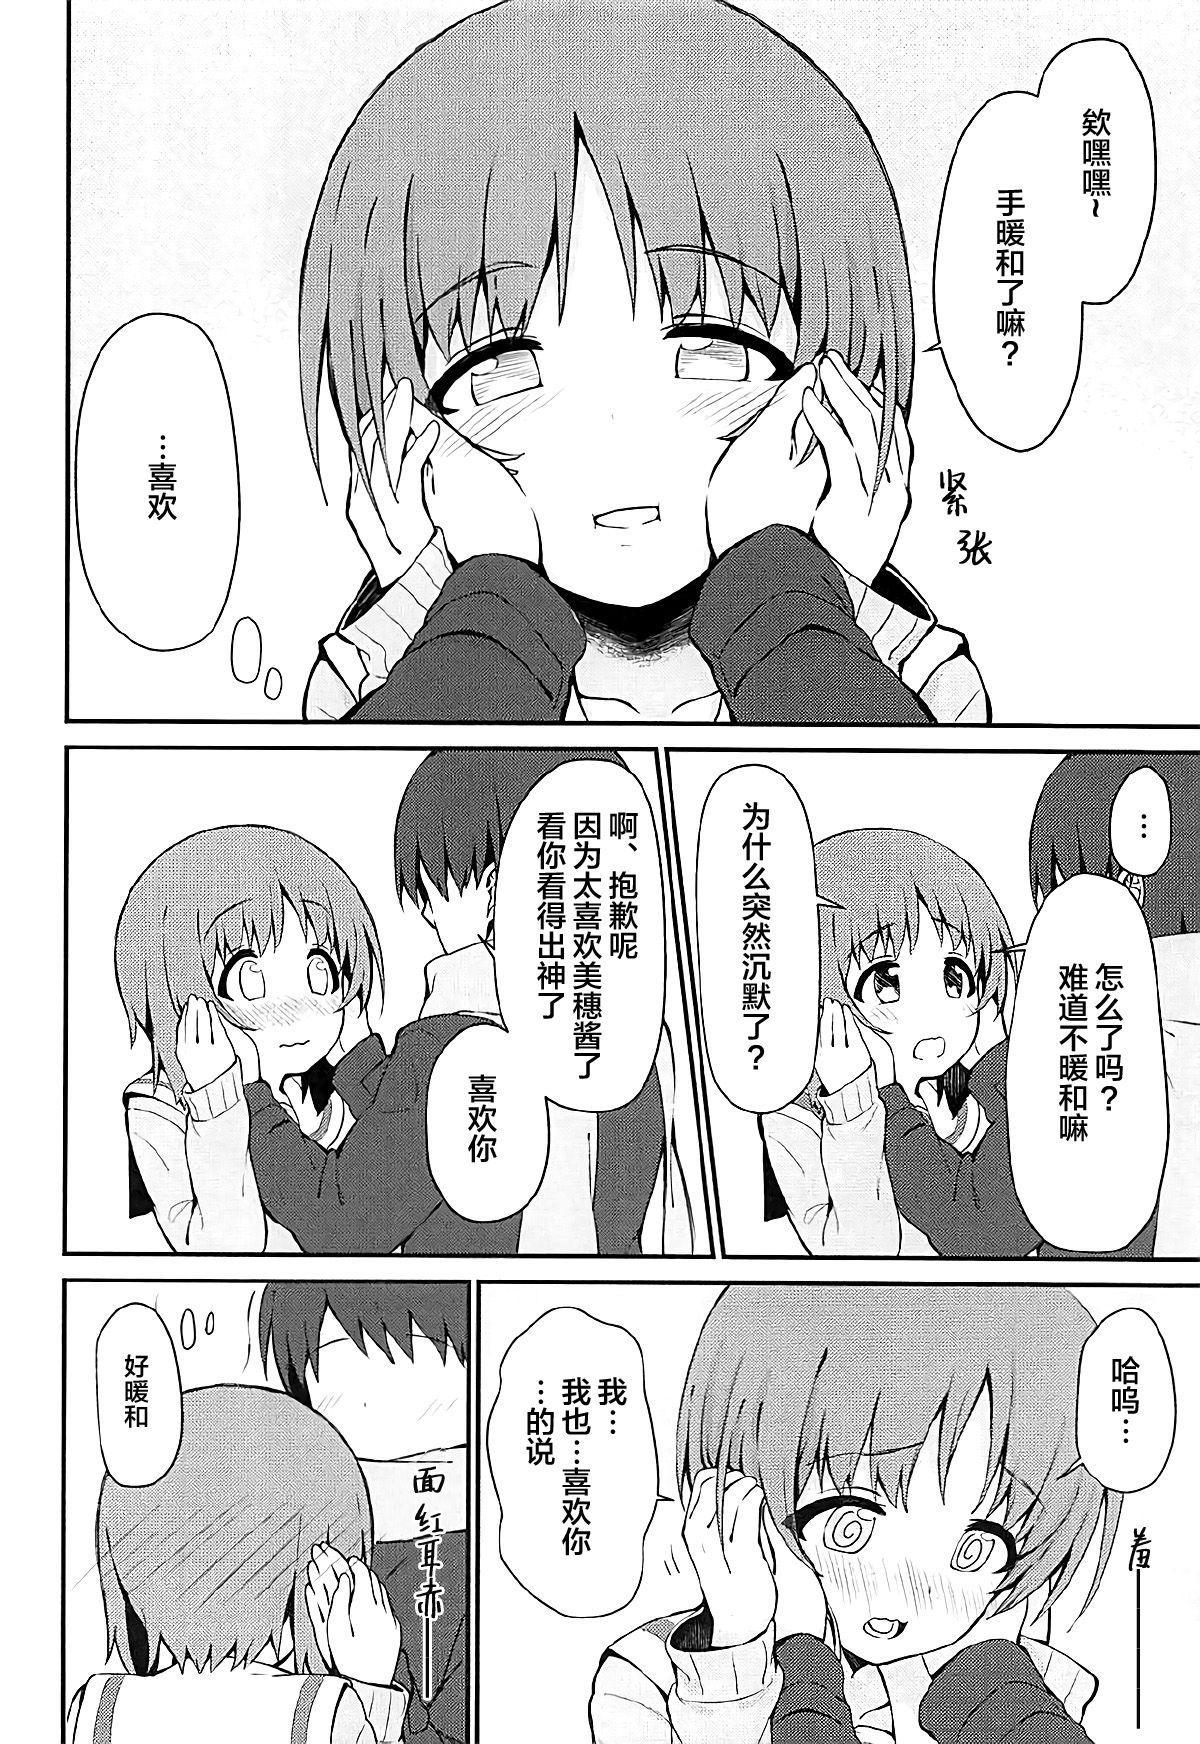 Miporin to Icha Love Ecchi suru Hon 3